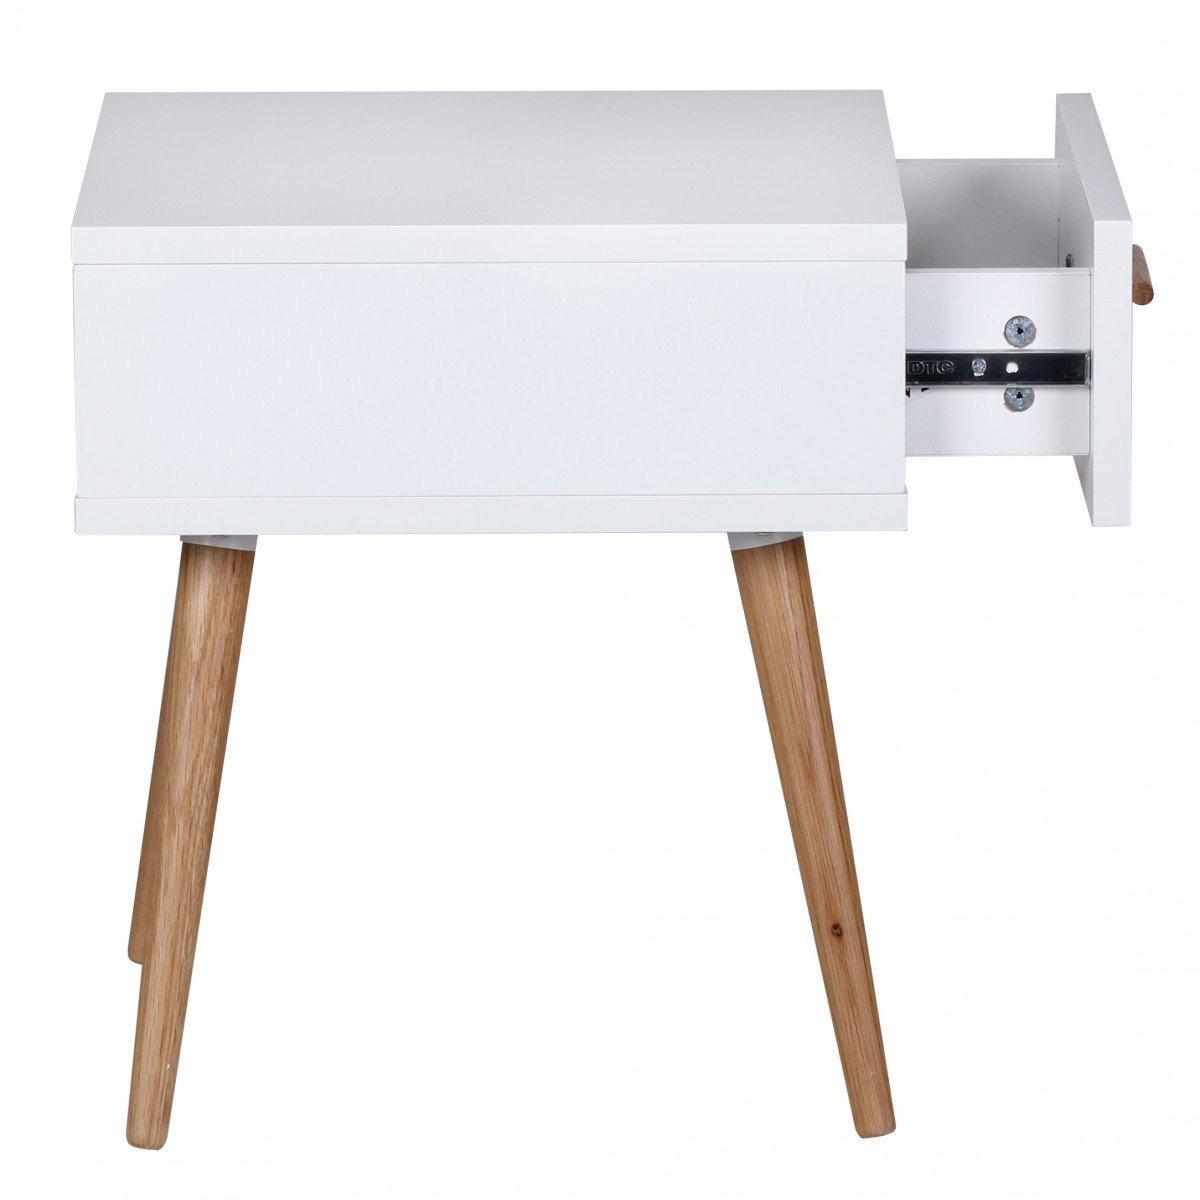 Nachtschrank nordisch Nachtkommode Beine und Griff Holz Nachtkonsole im skandinavischen Retro Look FineBuy Design Retro Nachttisch SKANDI 40 x 46 x 42 cm wei/ß matt mit Schublade